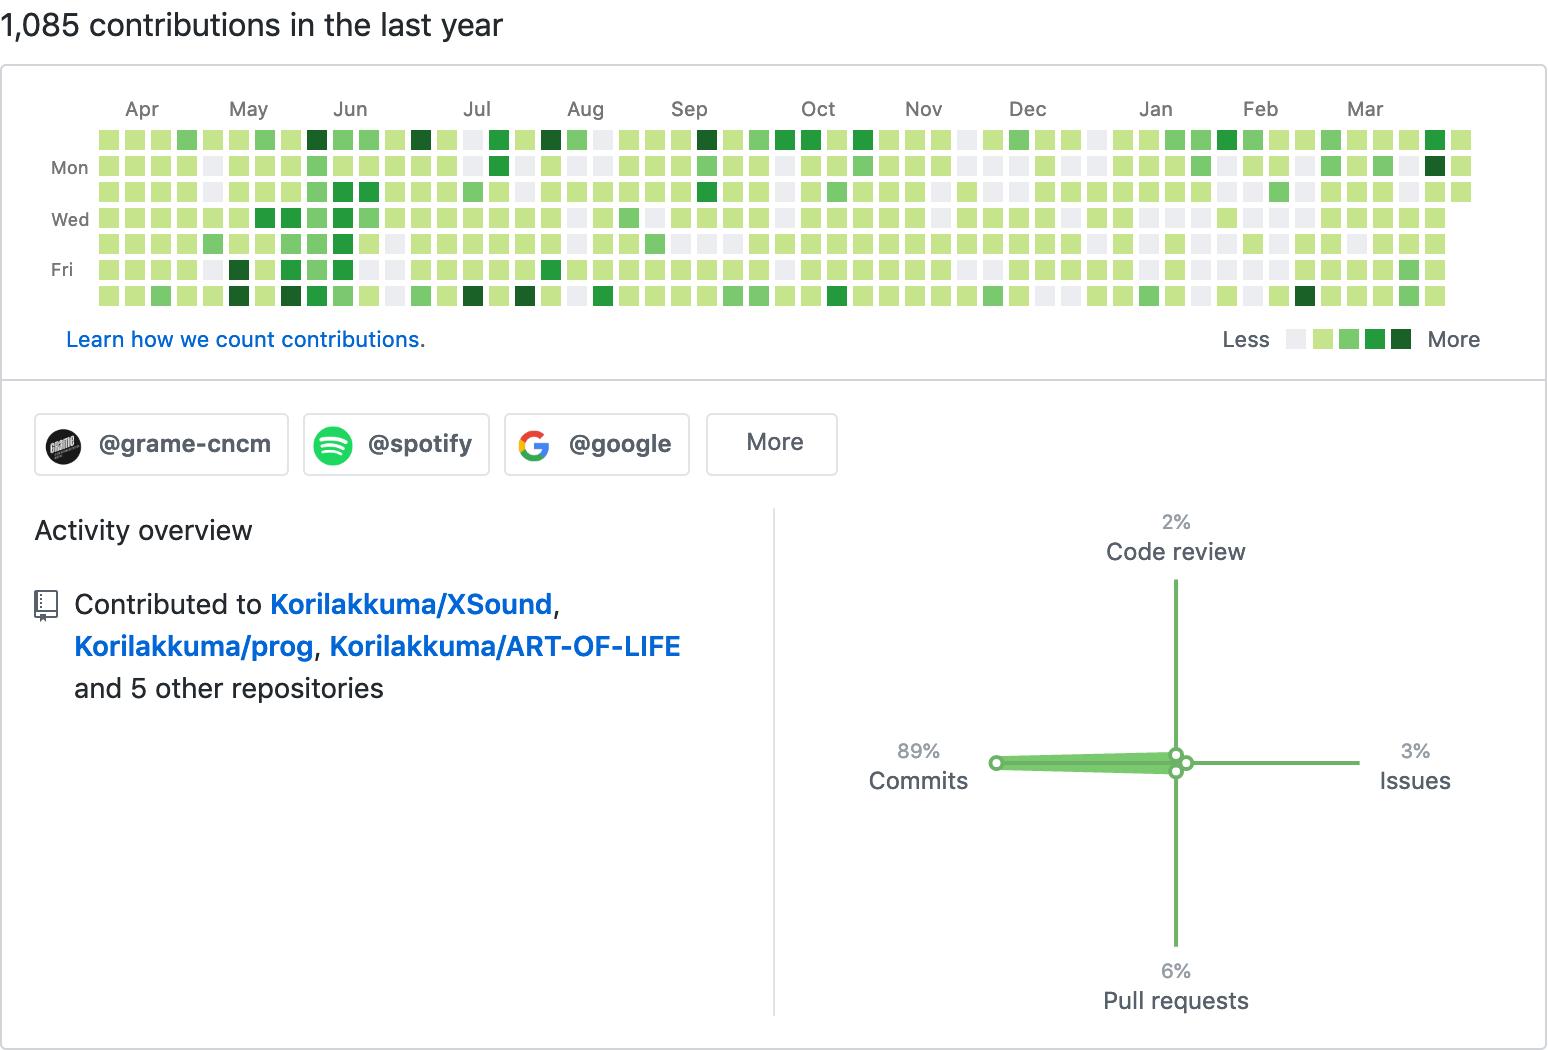 GitHub 2019 contributions